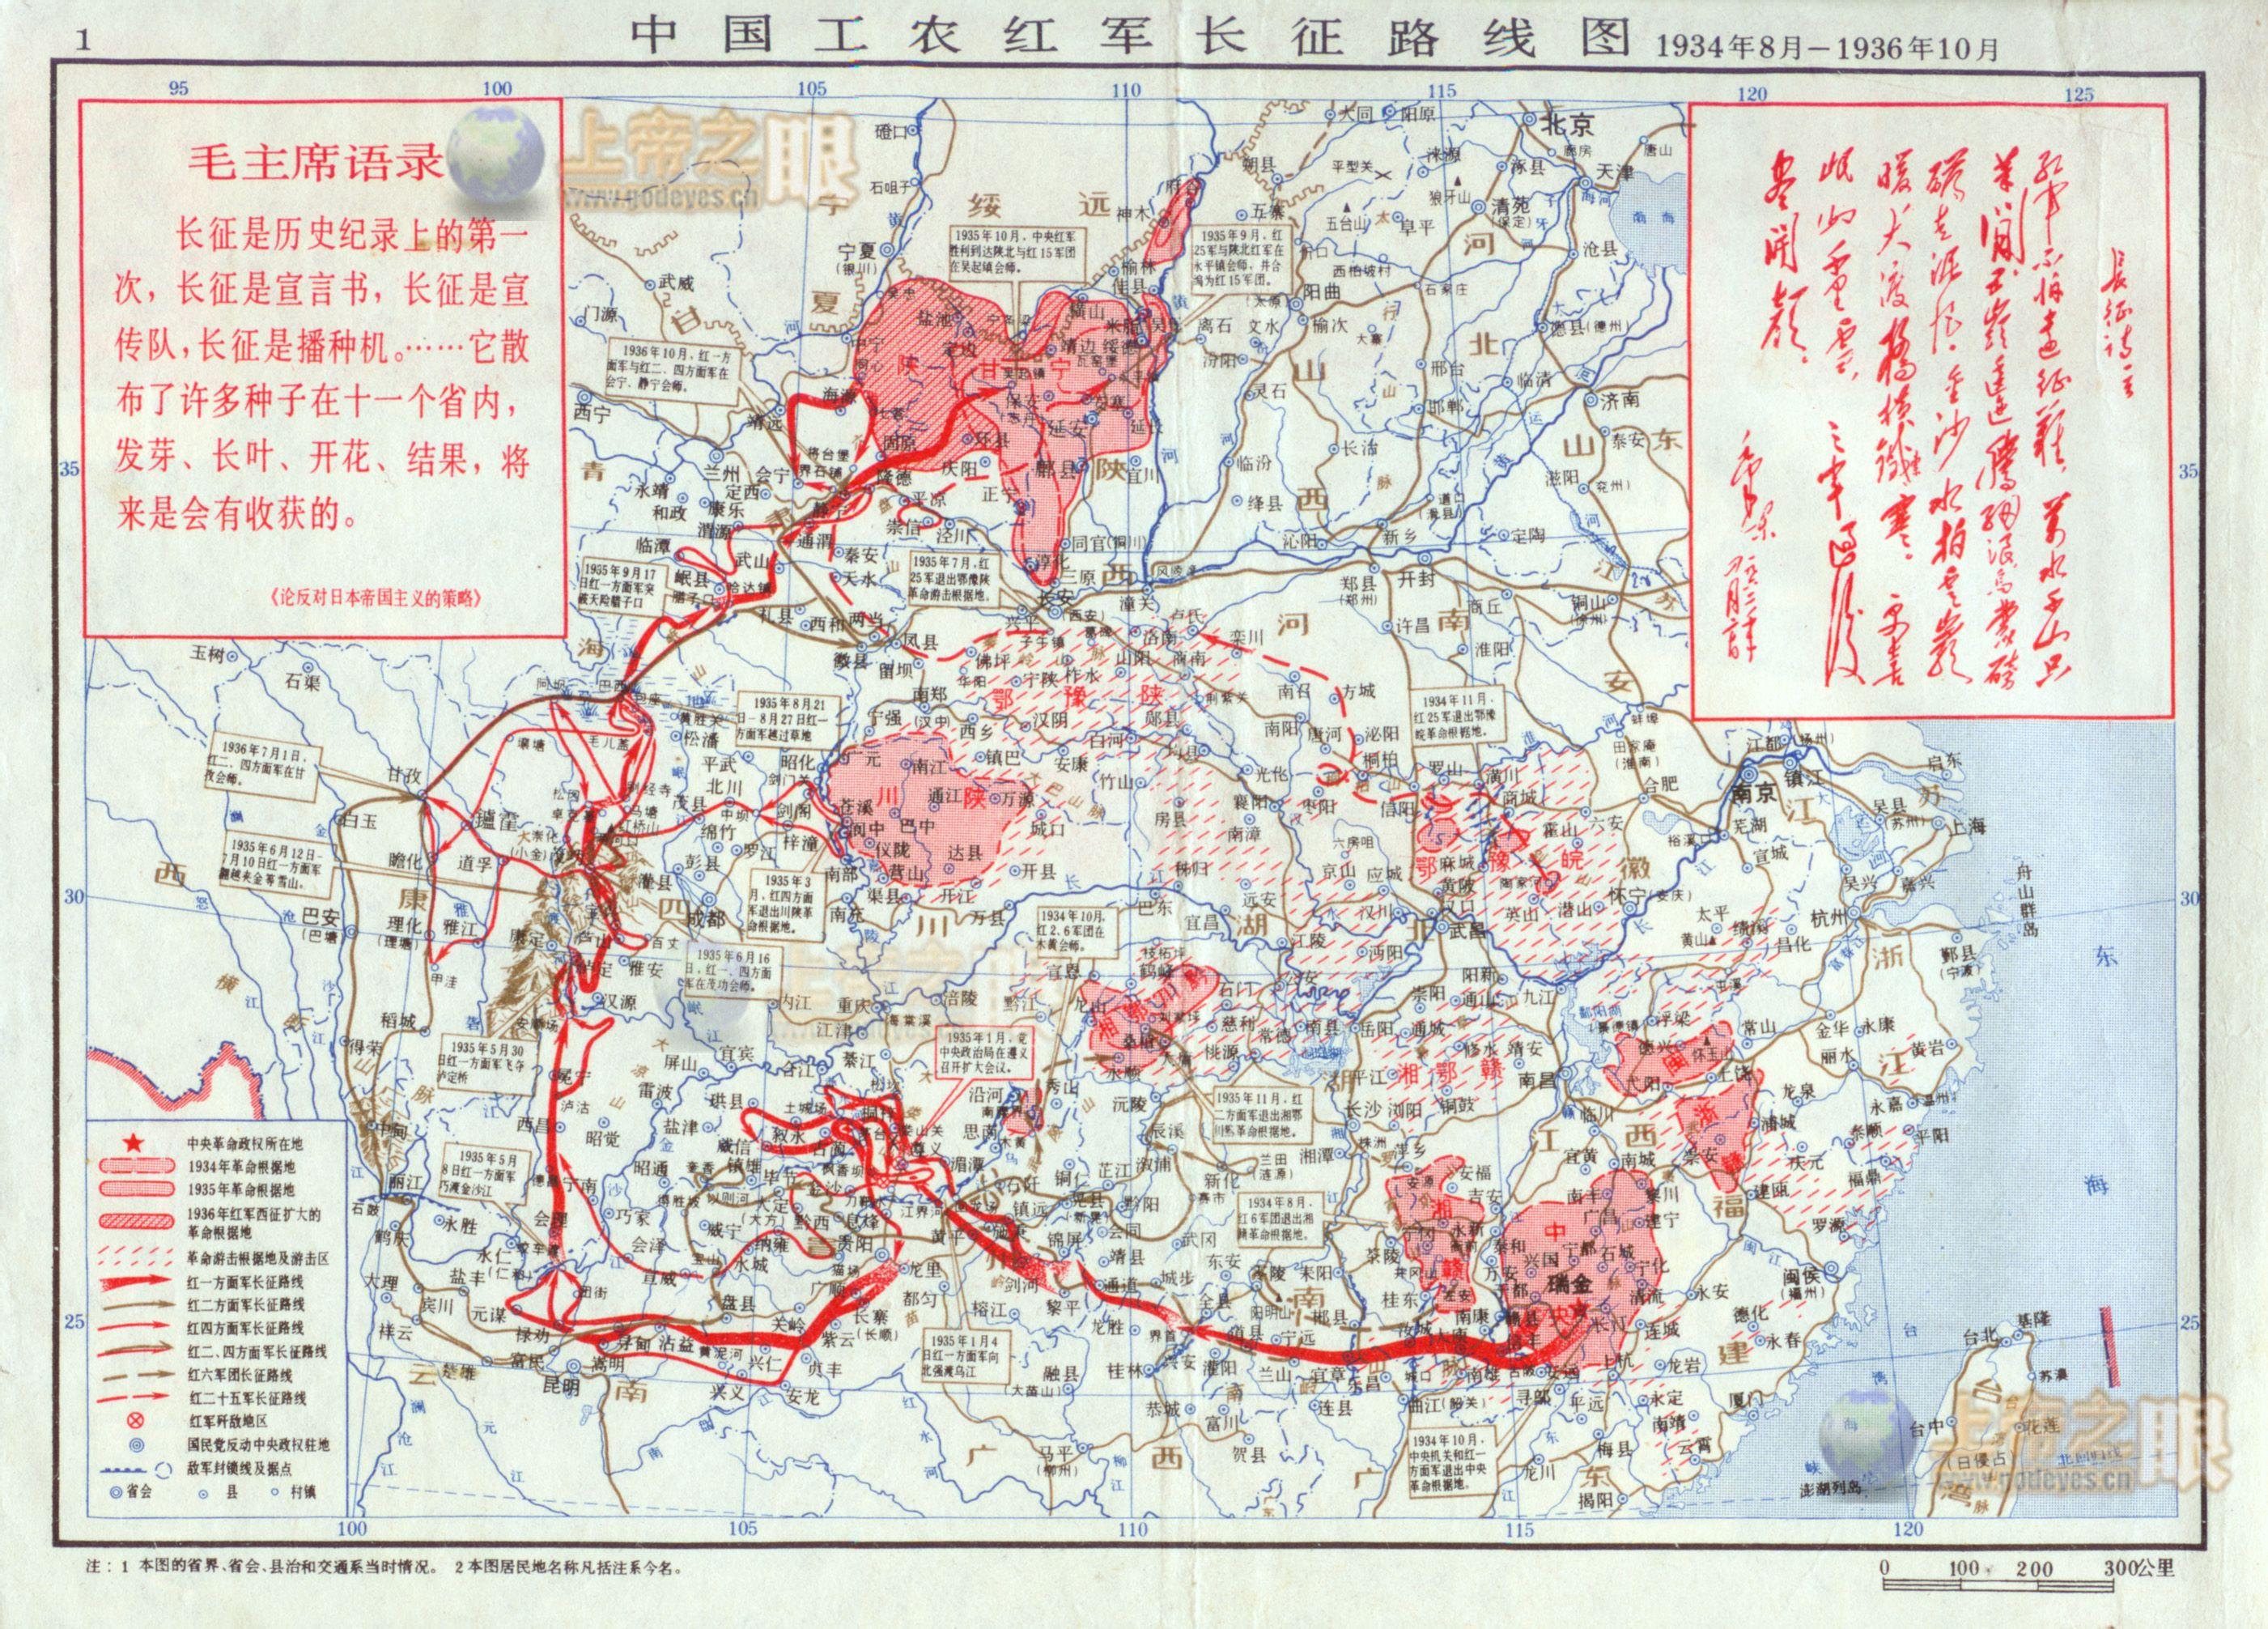 新版长征路线图 纪念长征胜利70周年 老白高清图片